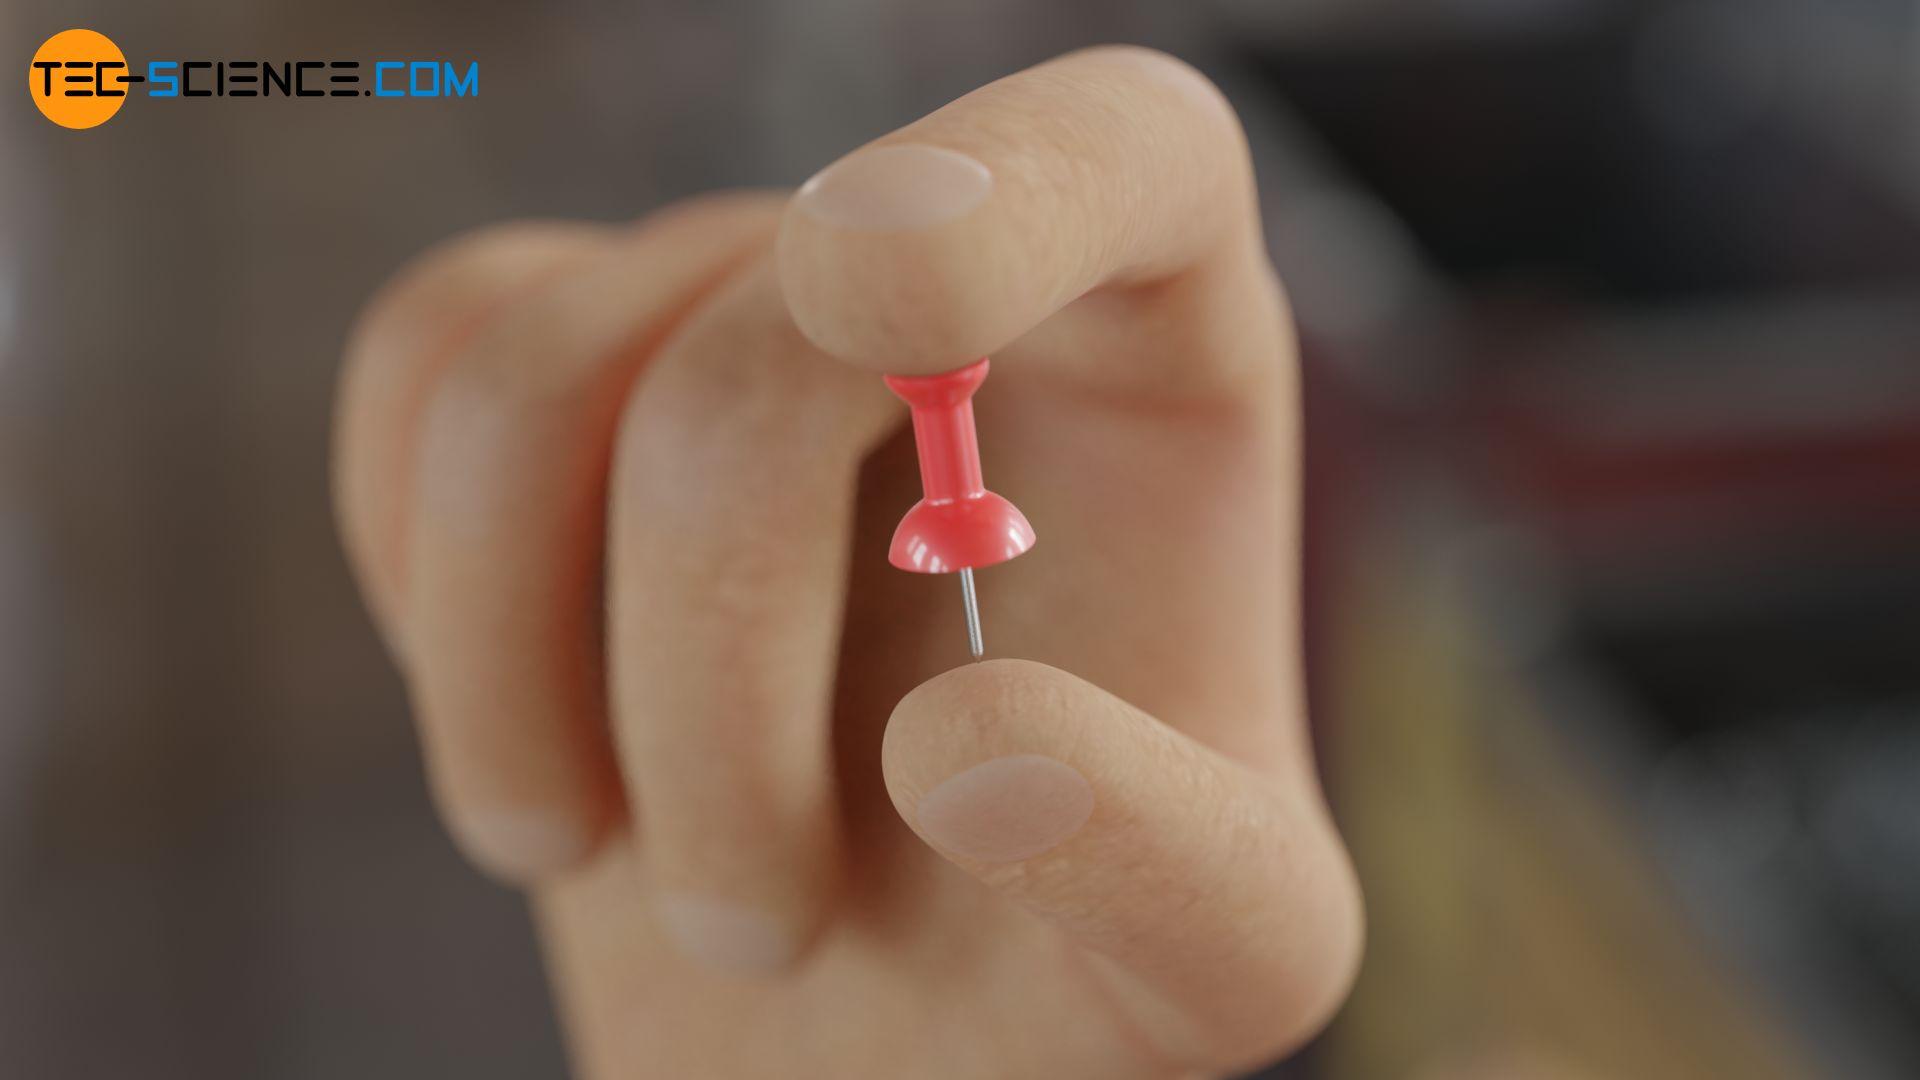 Zusammendrücken einer Reißzwecke zwischen zwei Fingern